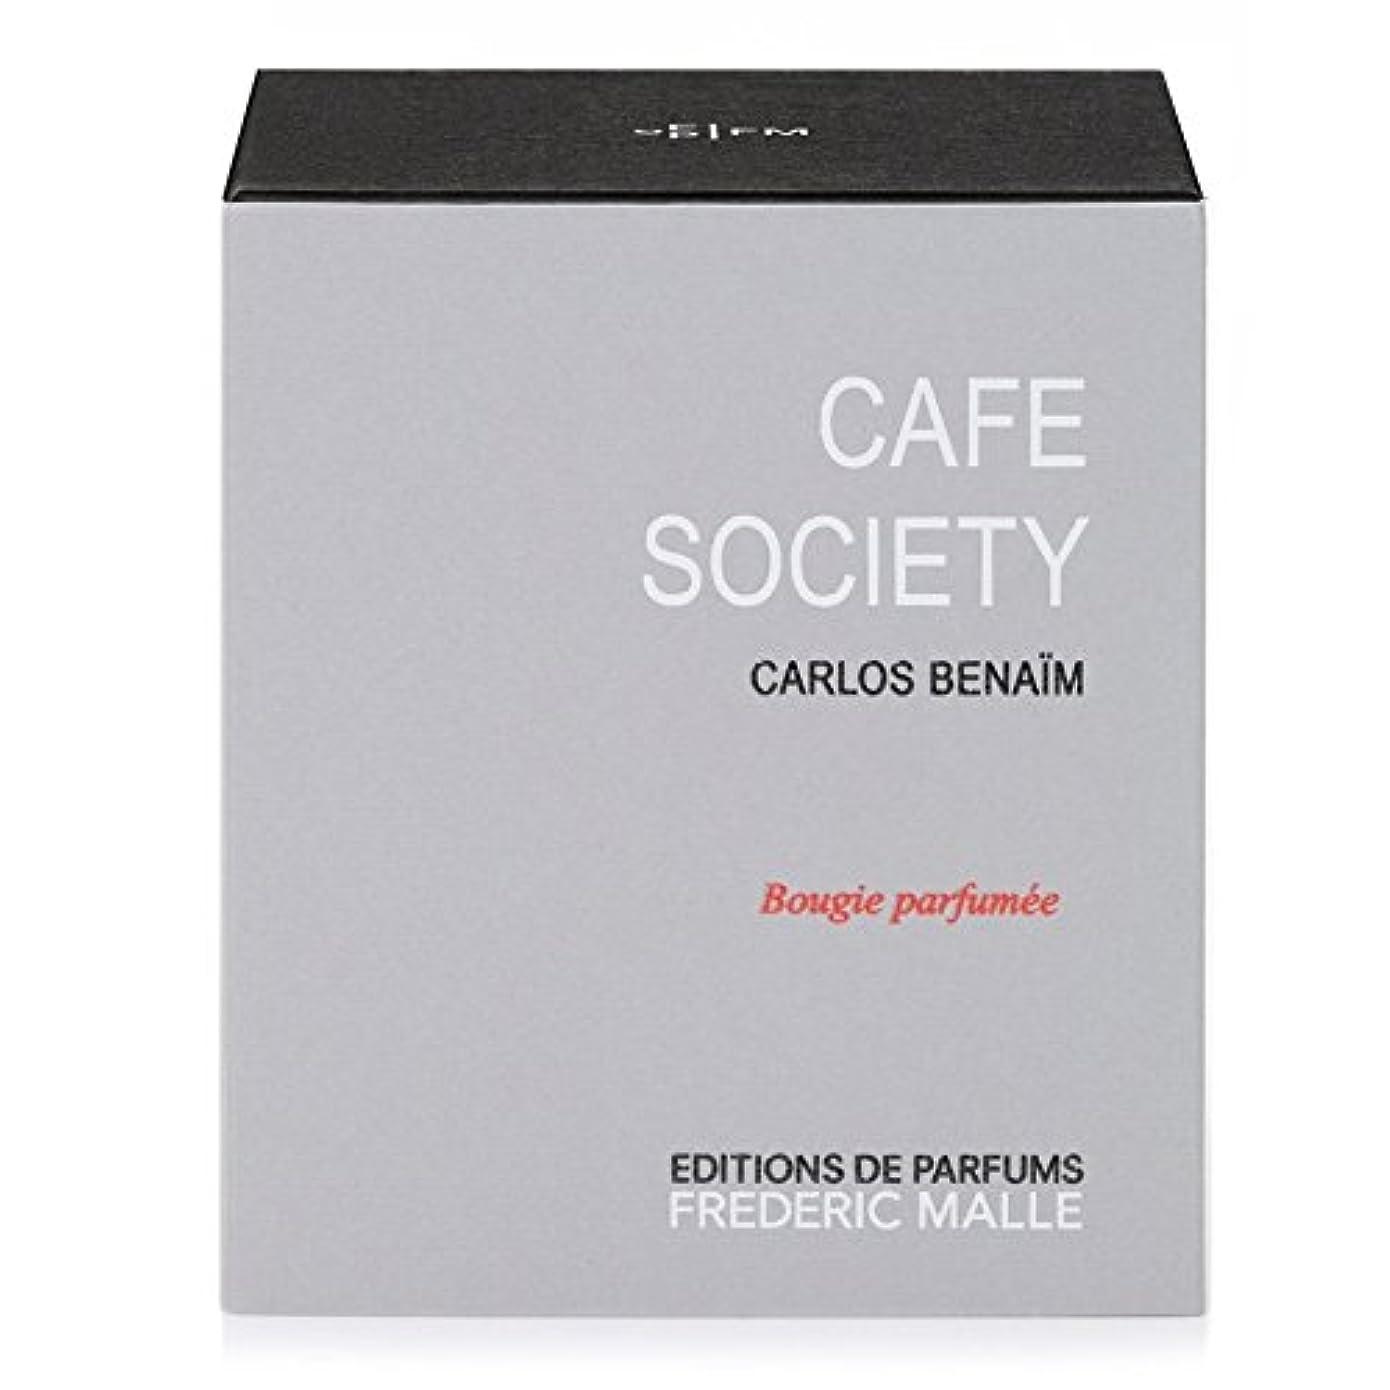 売り手すばらしいです頑張るFrederic Malle Cafe Society Scented Candle 220g (Pack of 2) - フレデリック?マルカフェ社会の香りのキャンドル220グラム x2 [並行輸入品]